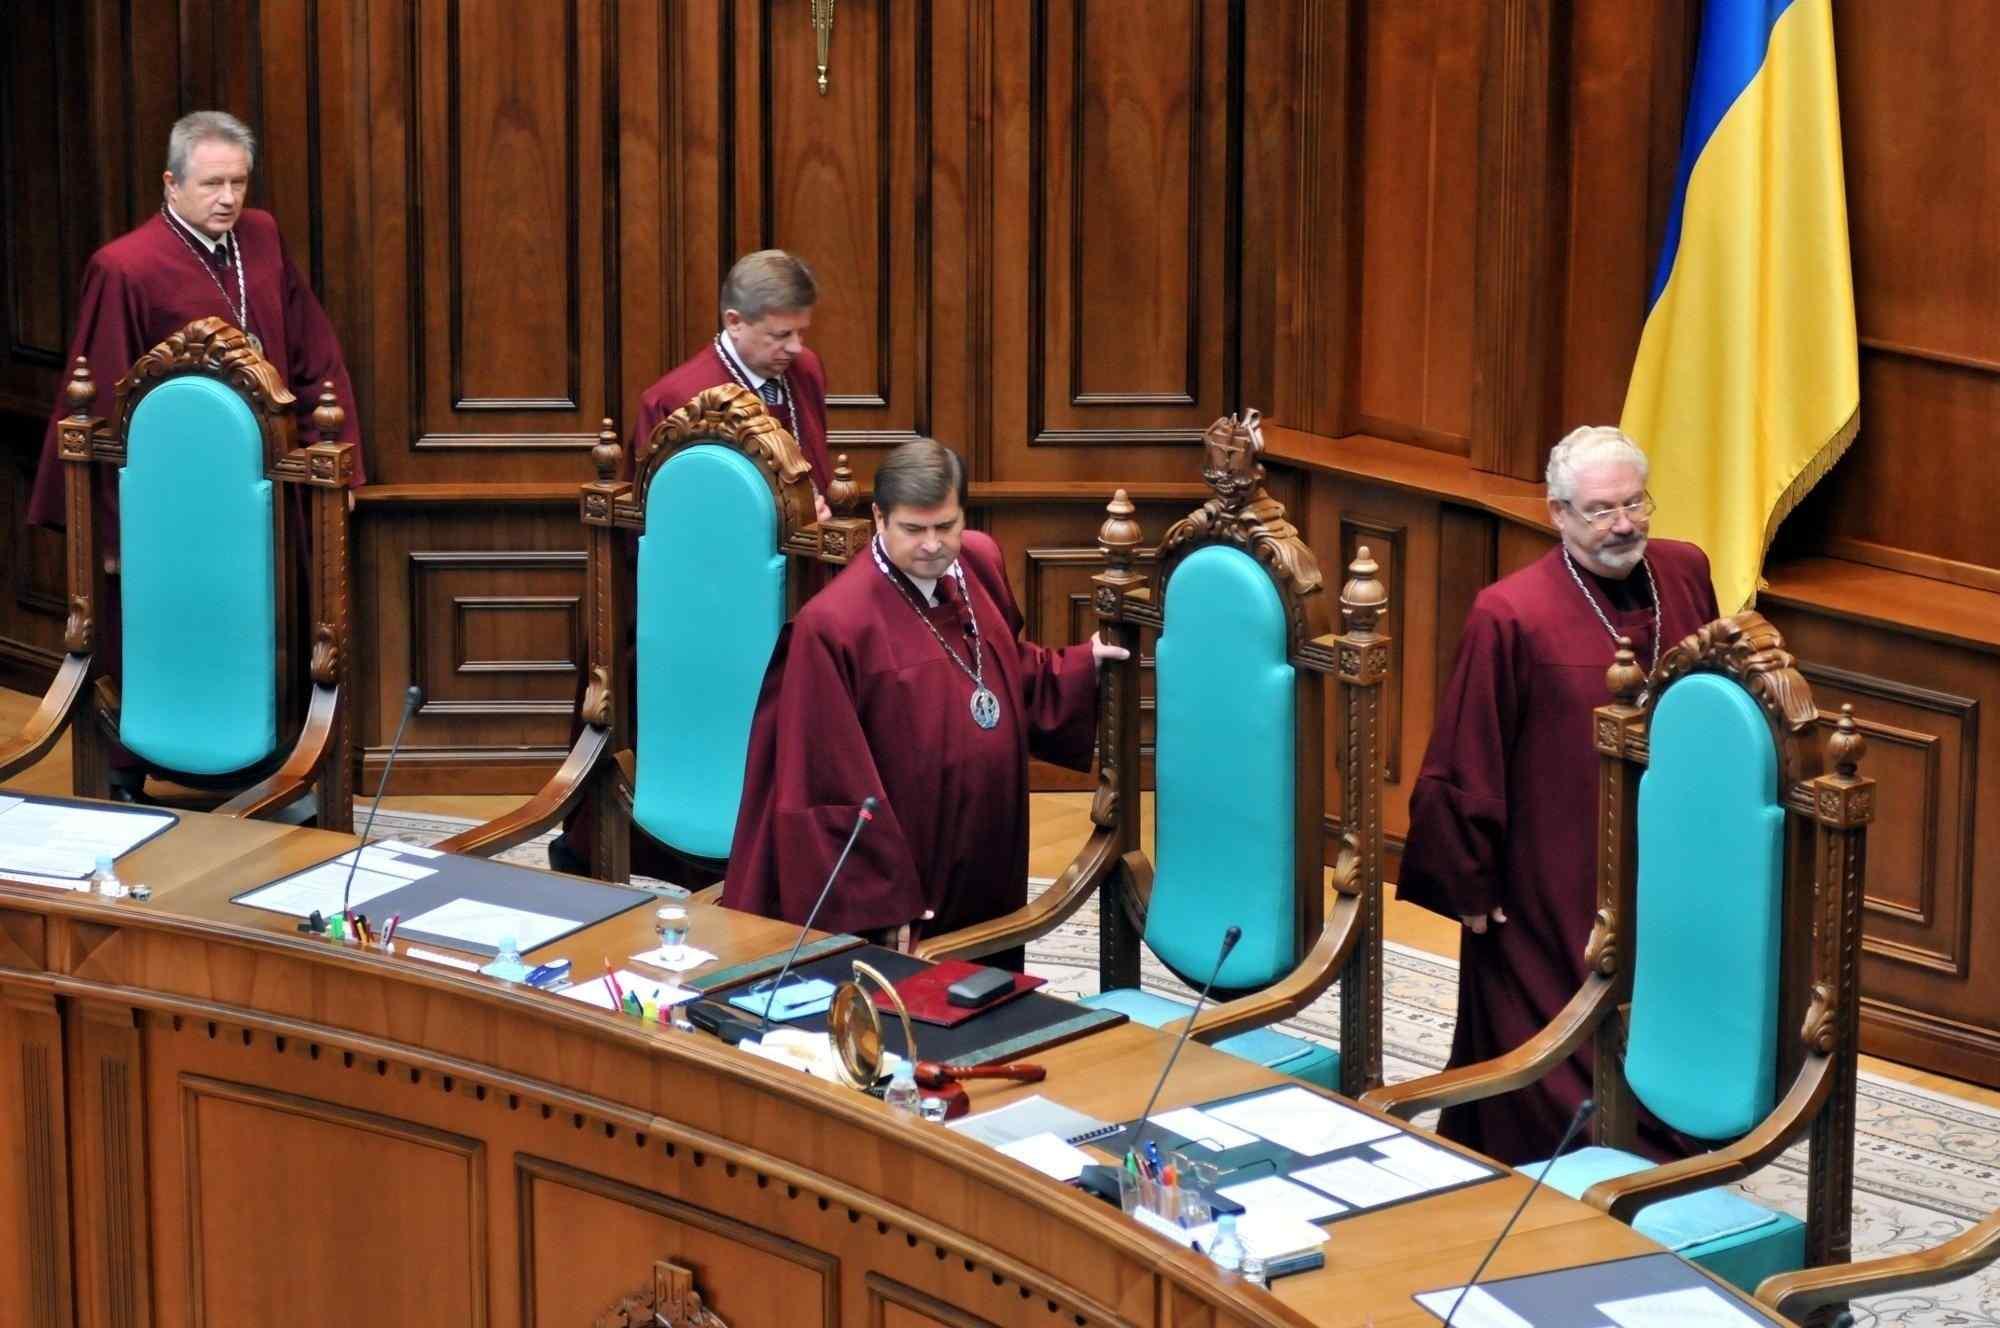 EU demands to reform judicial system in Ukraine